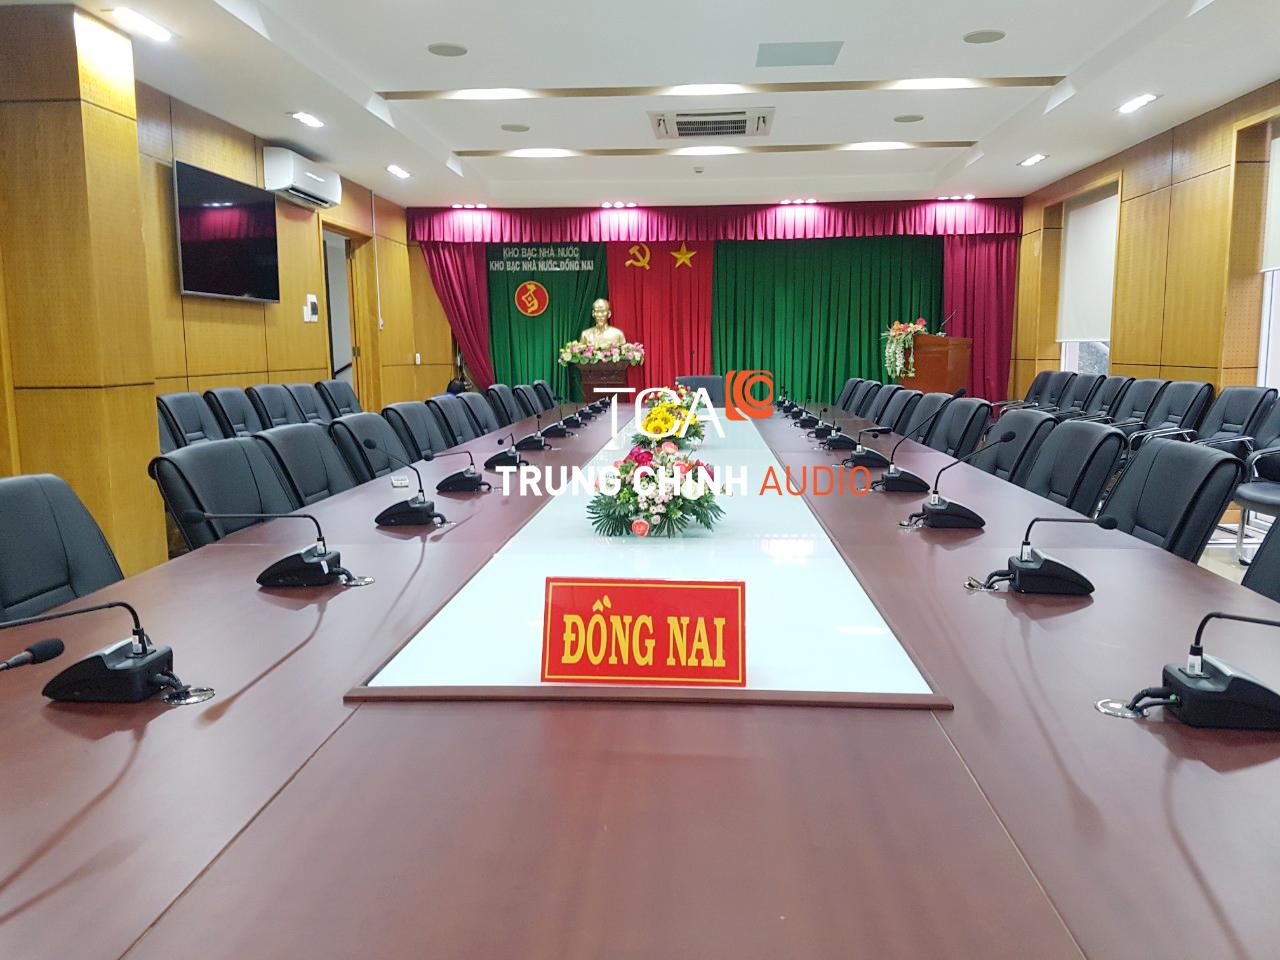 tca-lap-dat-am-thanh-kho-bac-nha-nuoc-tinh-dong-nai-002